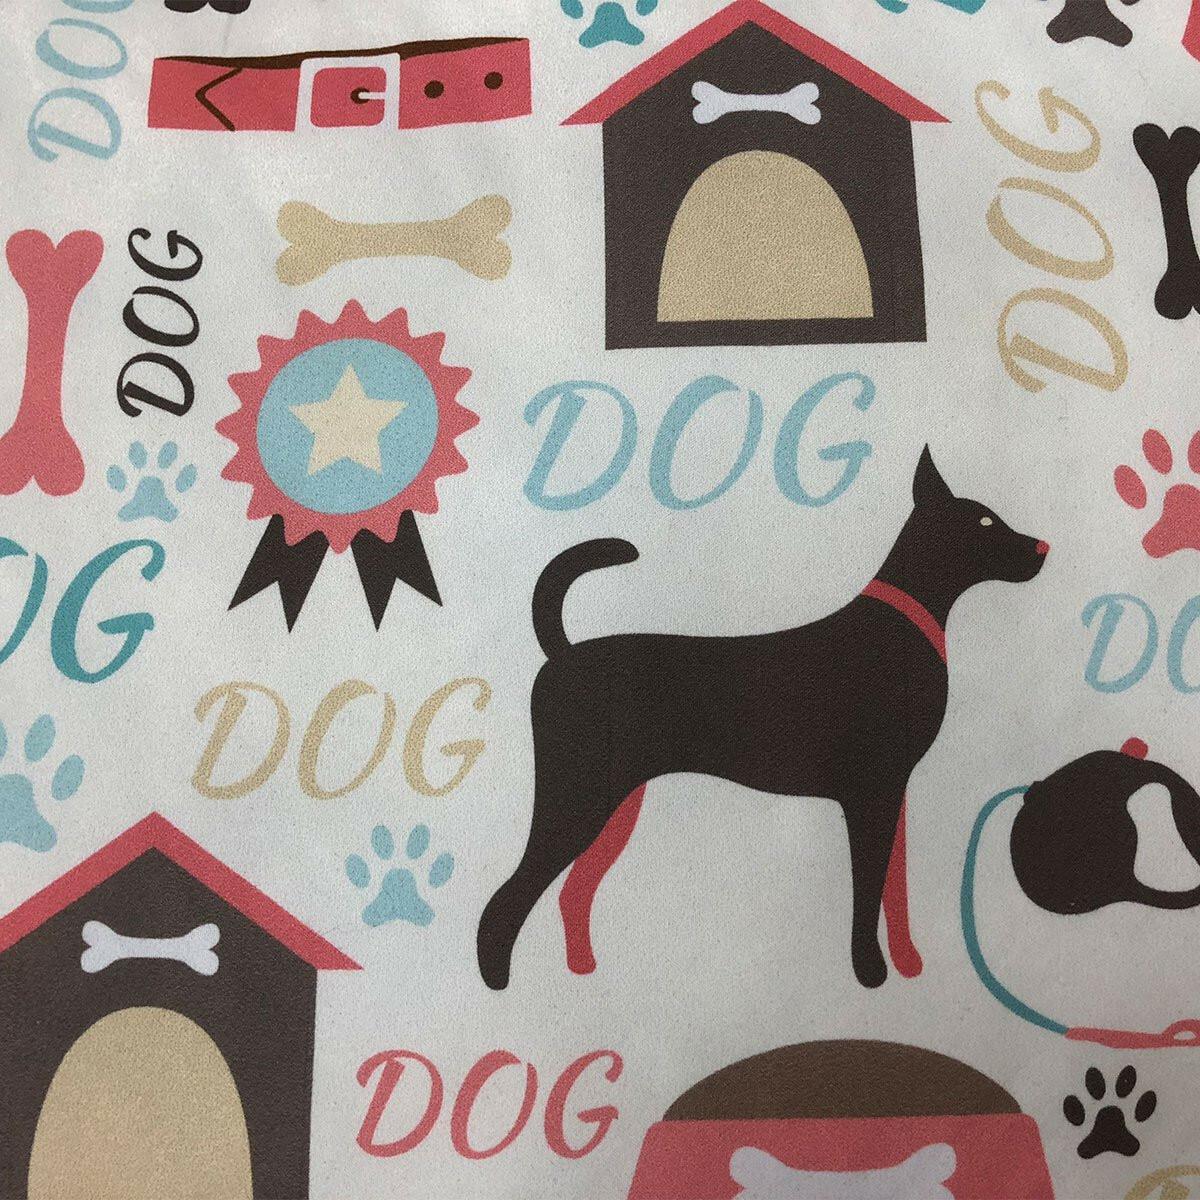 Bild 2 von Dog Bed Solutions Kissen Forta